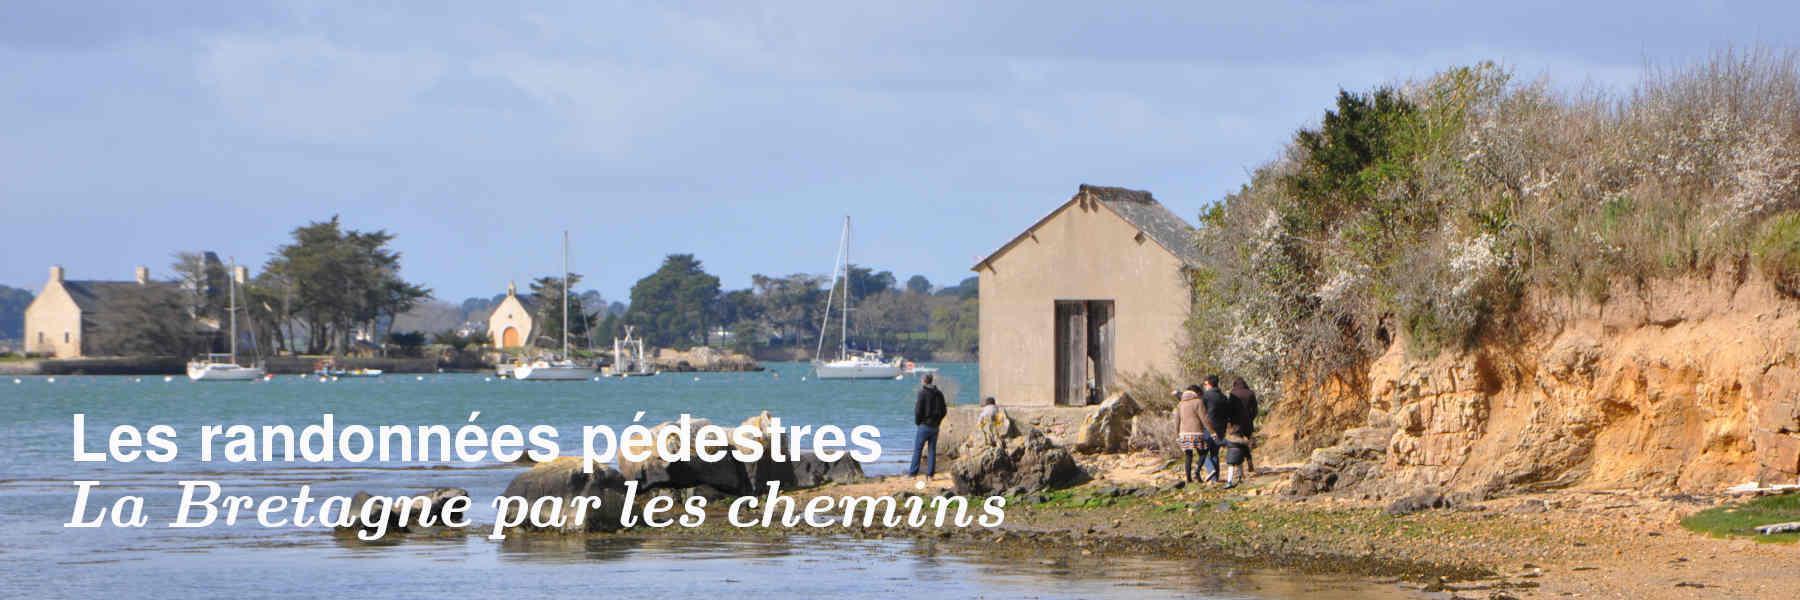 Les randonnées pédestres en Bretagne